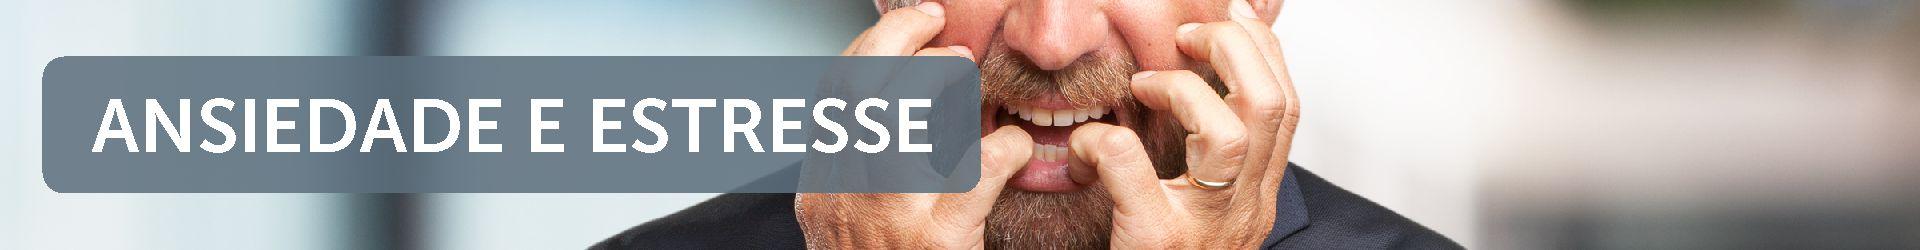 nucleo-persono-disturbios-do-sono-ansiedade-e-estresse